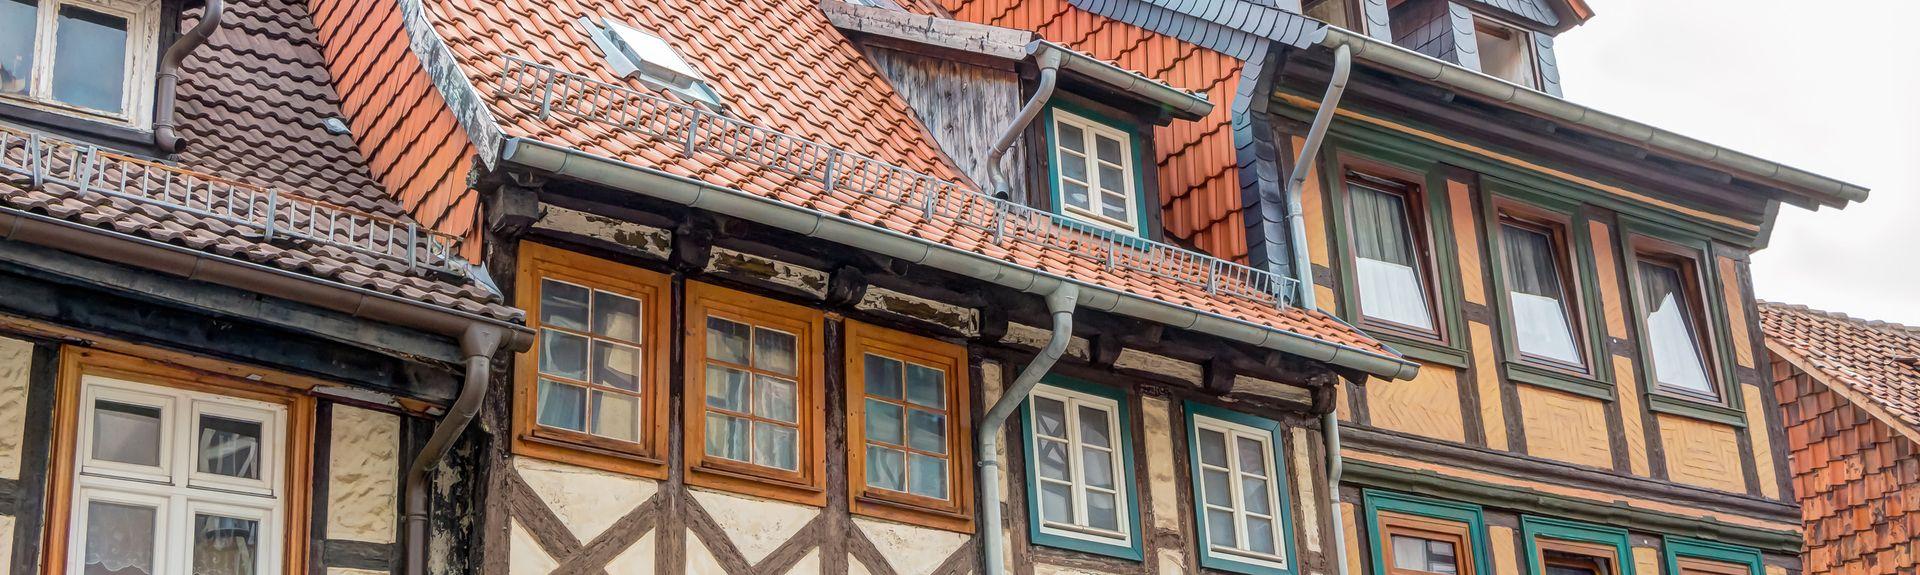 Wernigerode, Sachsen-Anhalt, Tyskland